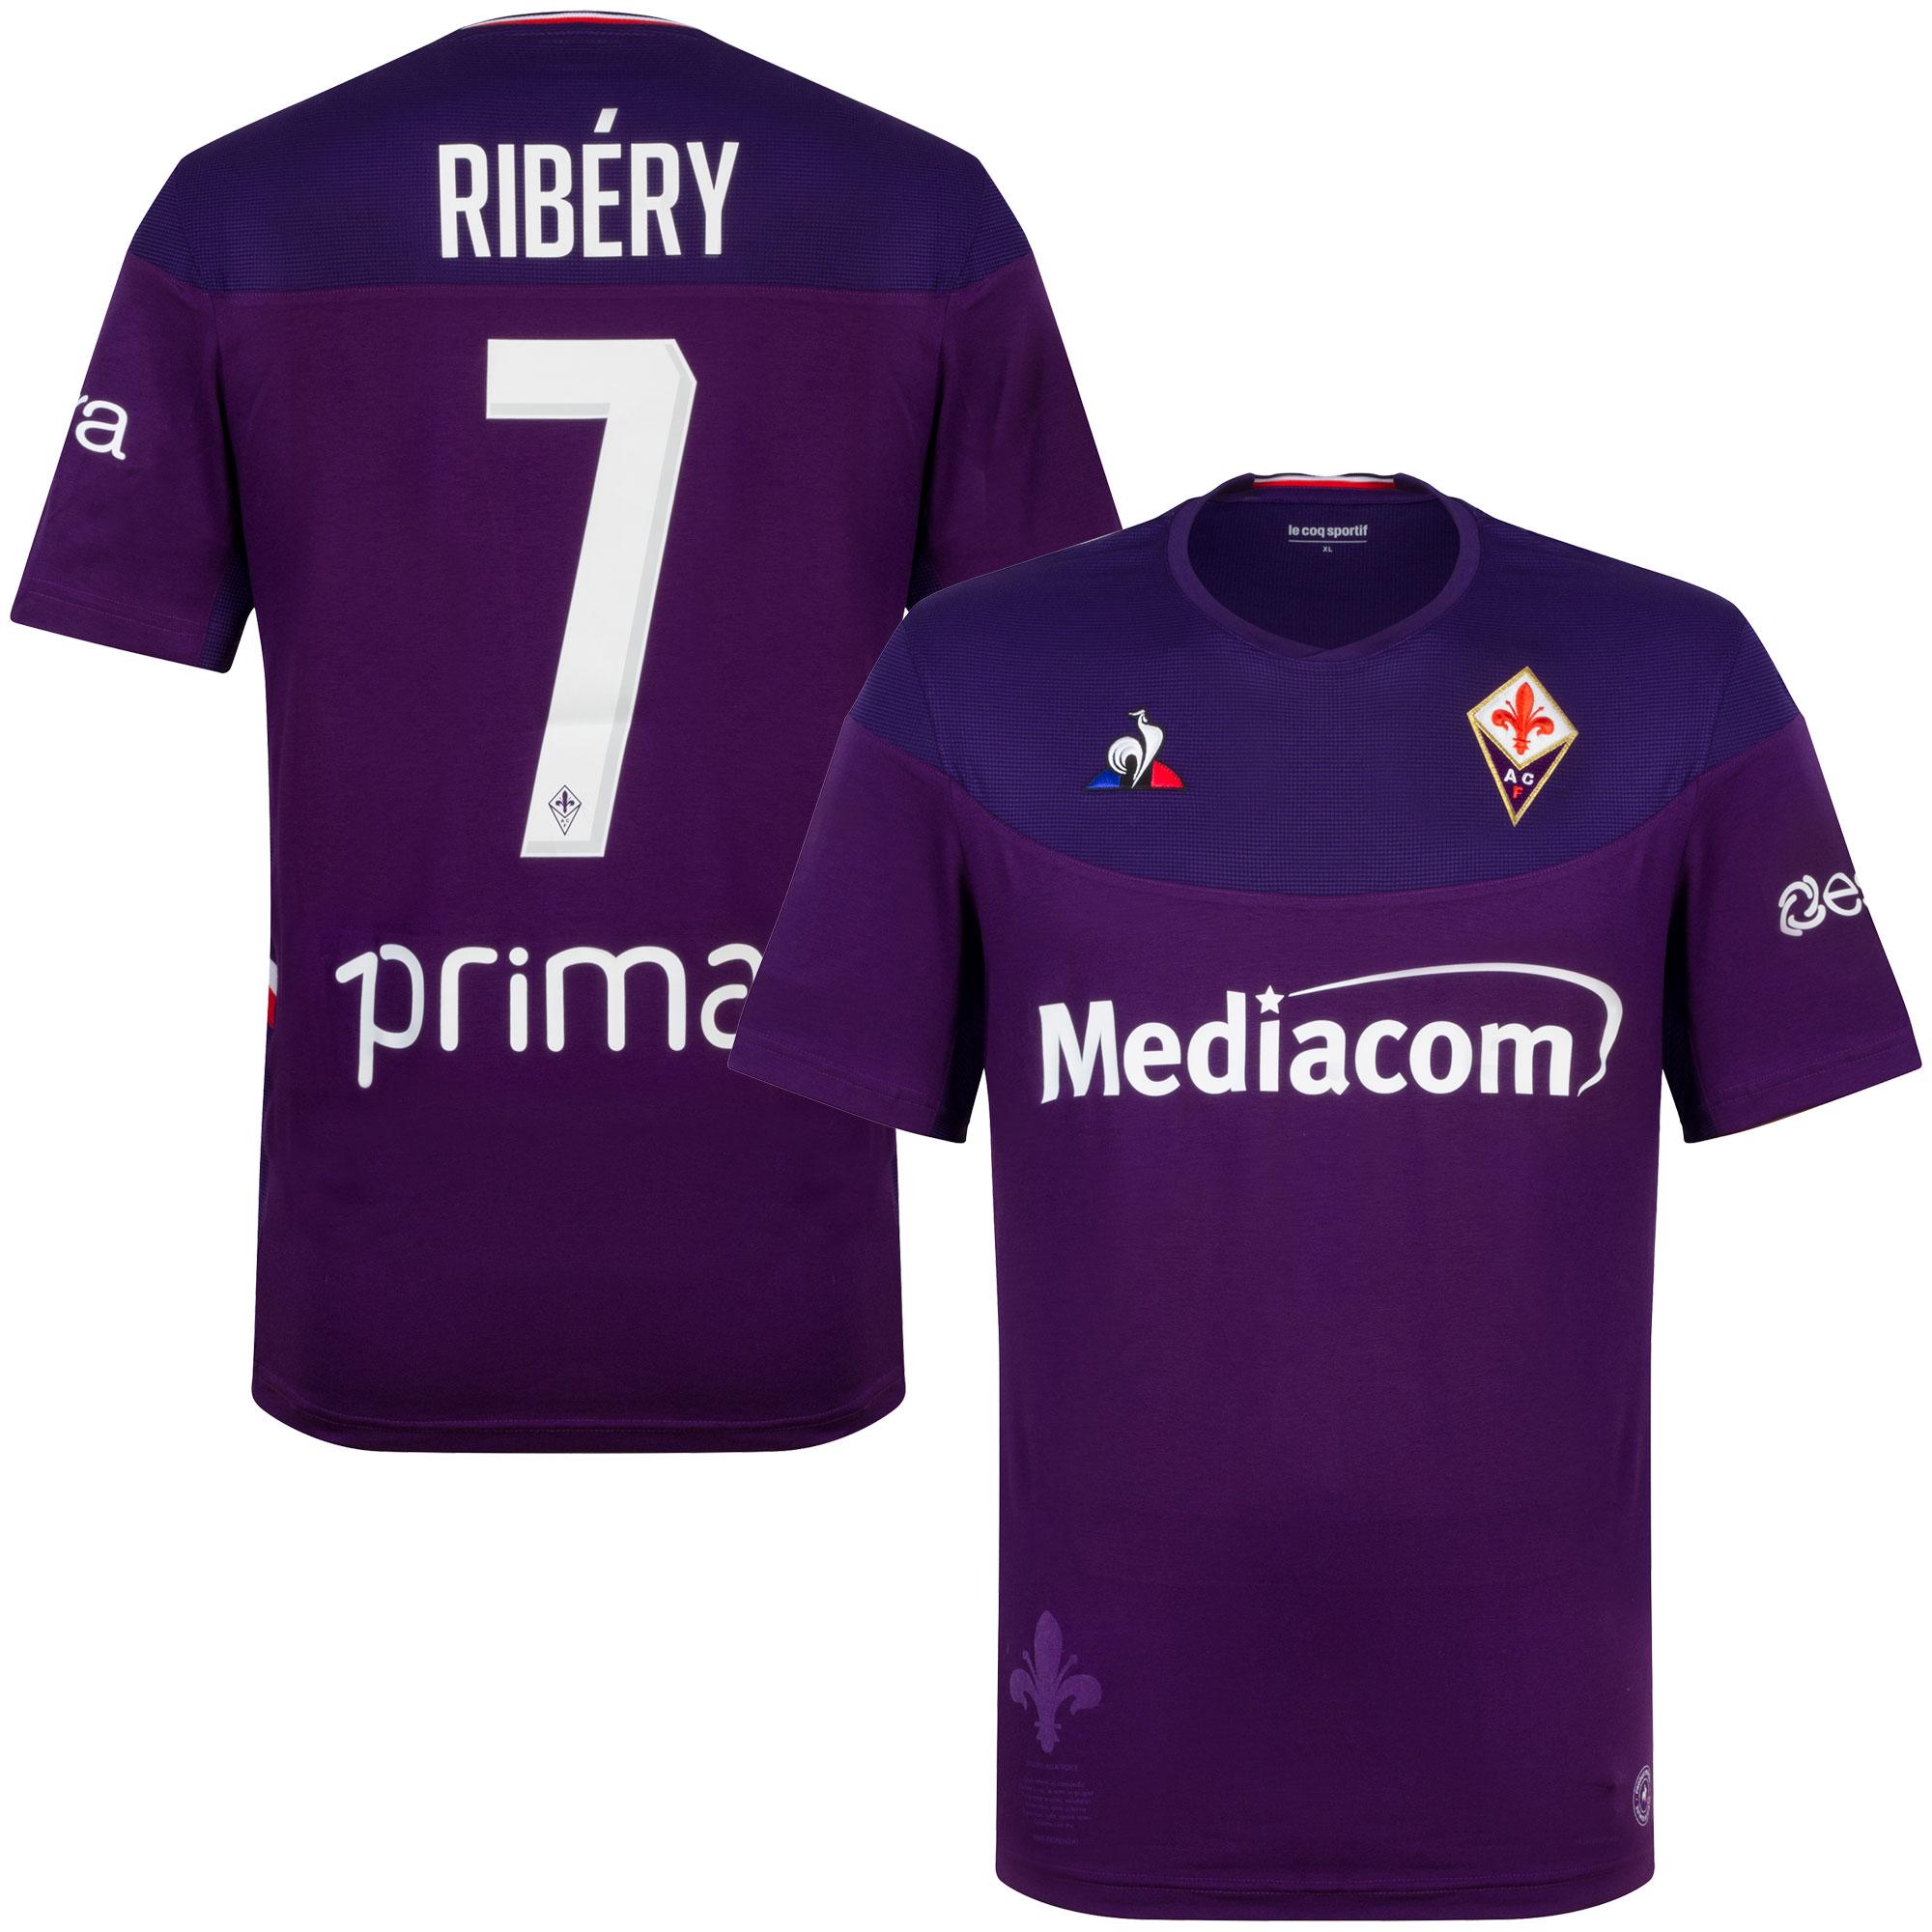 Fiorentina home shirt